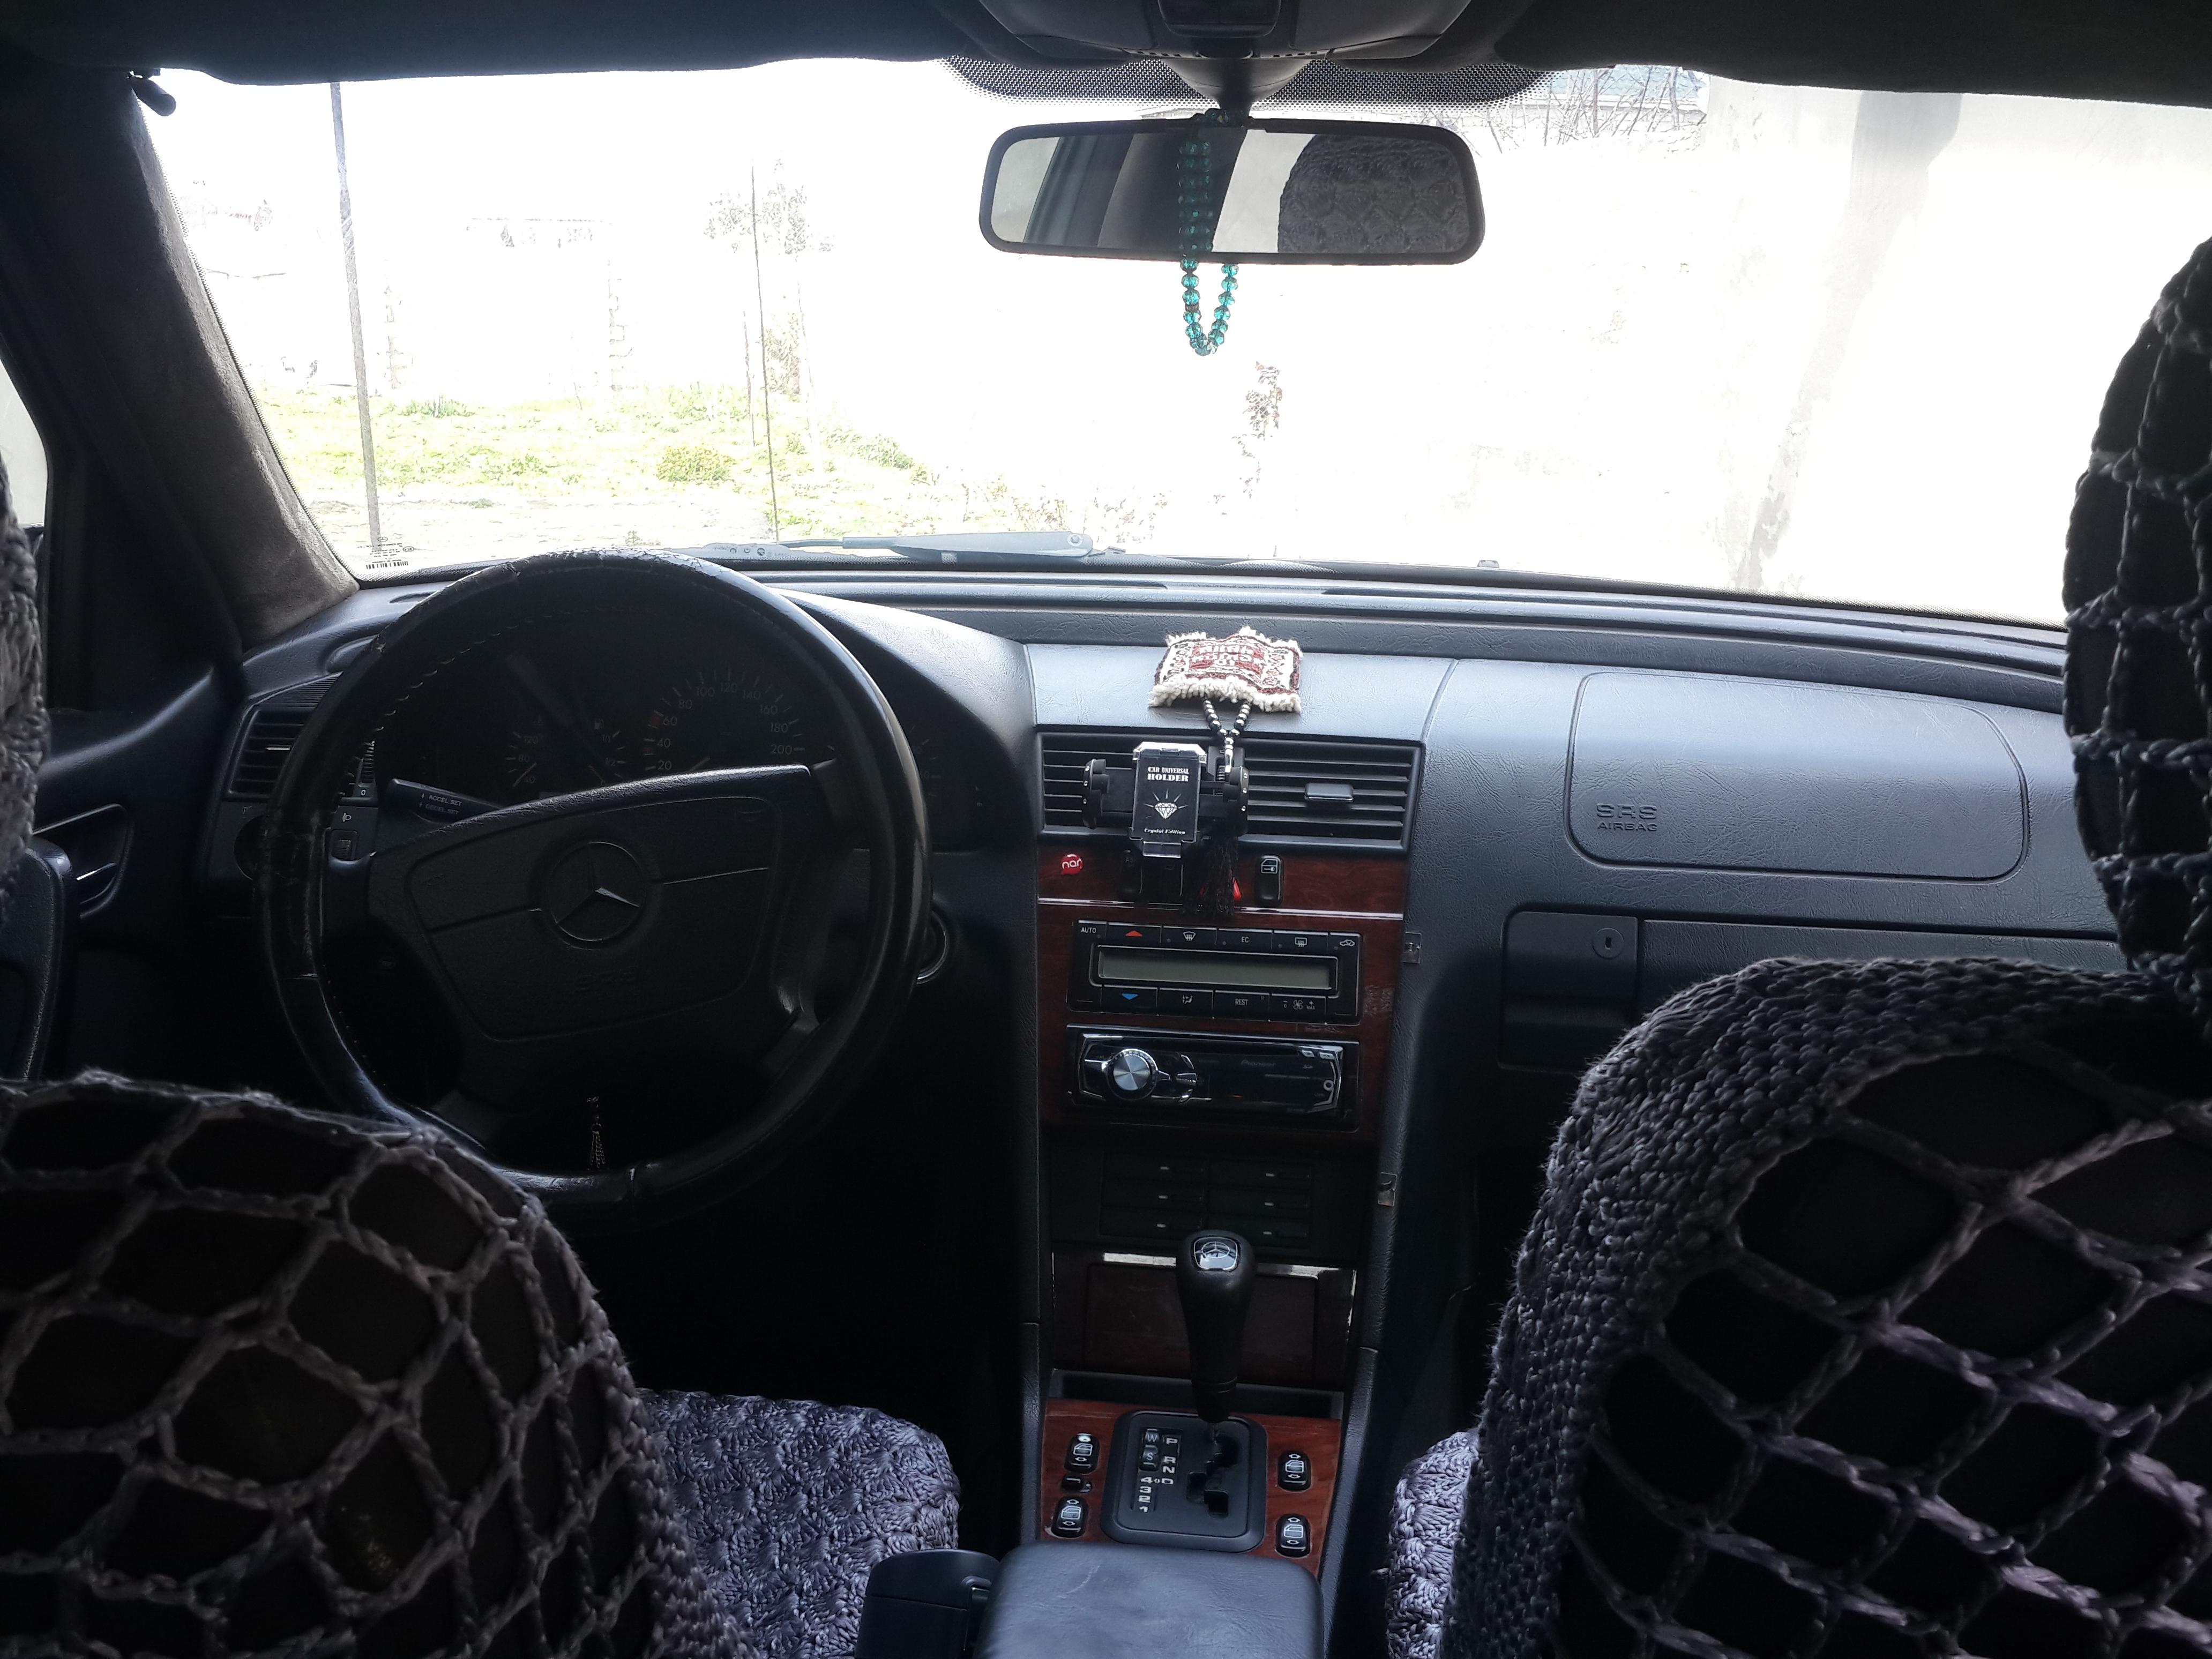 Mercedes-Benz C 220 2.2(lt) 1995 Подержанный  $9000